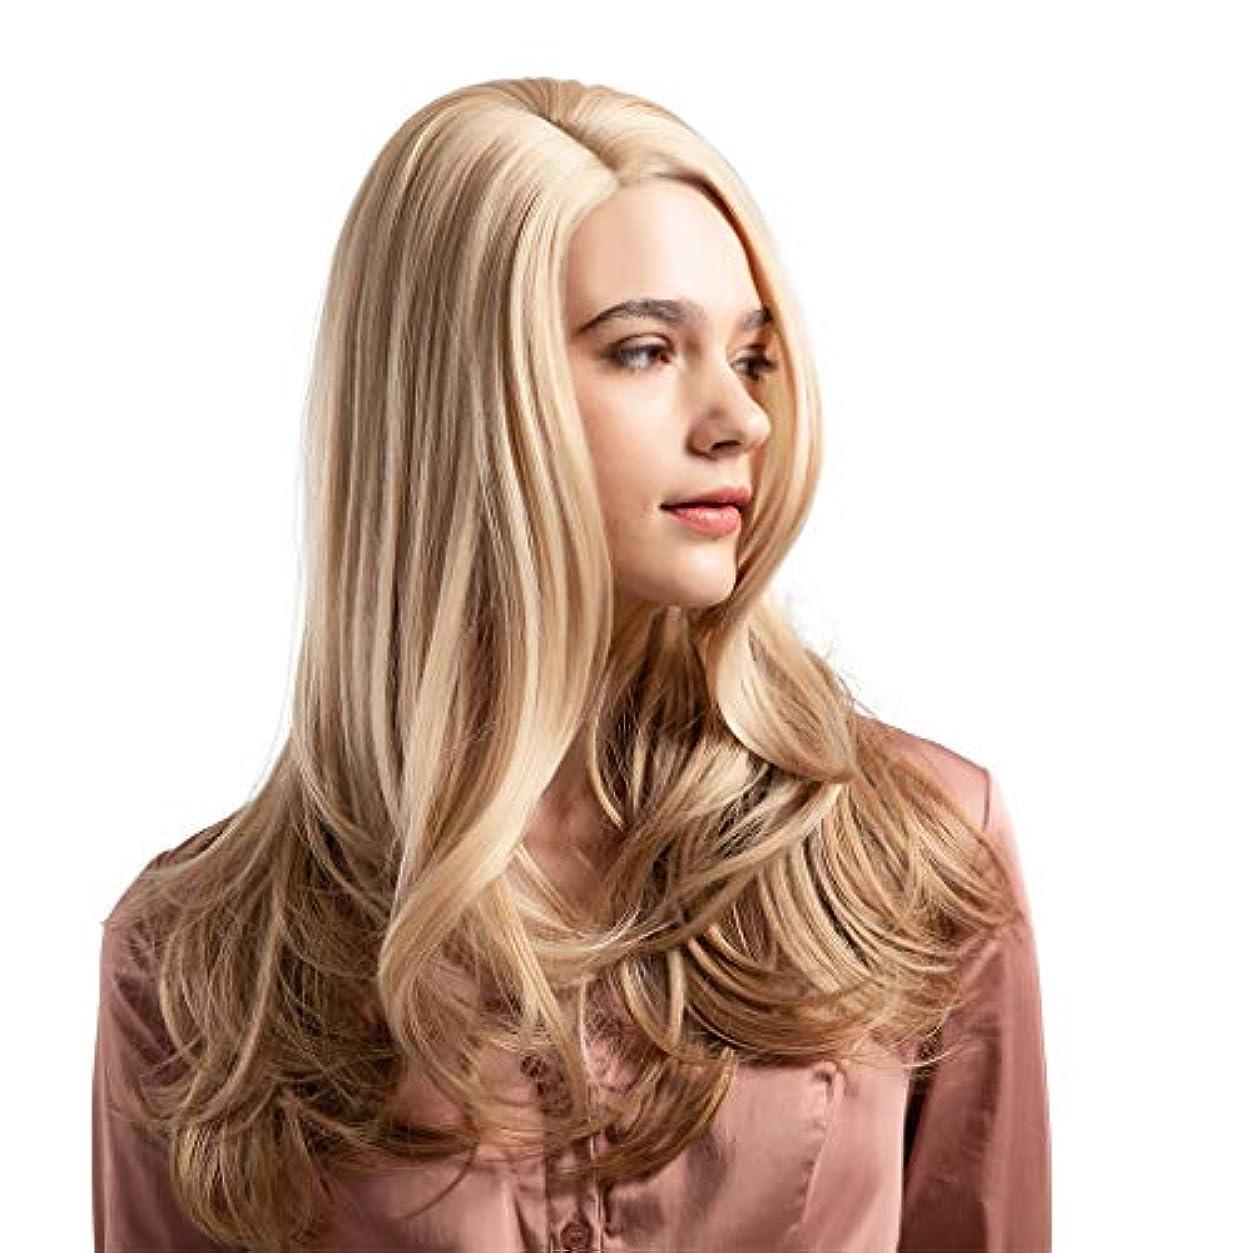 九時四十五分呪い教養があるウィッグ女性黄金の大きな波状の巻き毛の高温シルクウィッグ22インチ